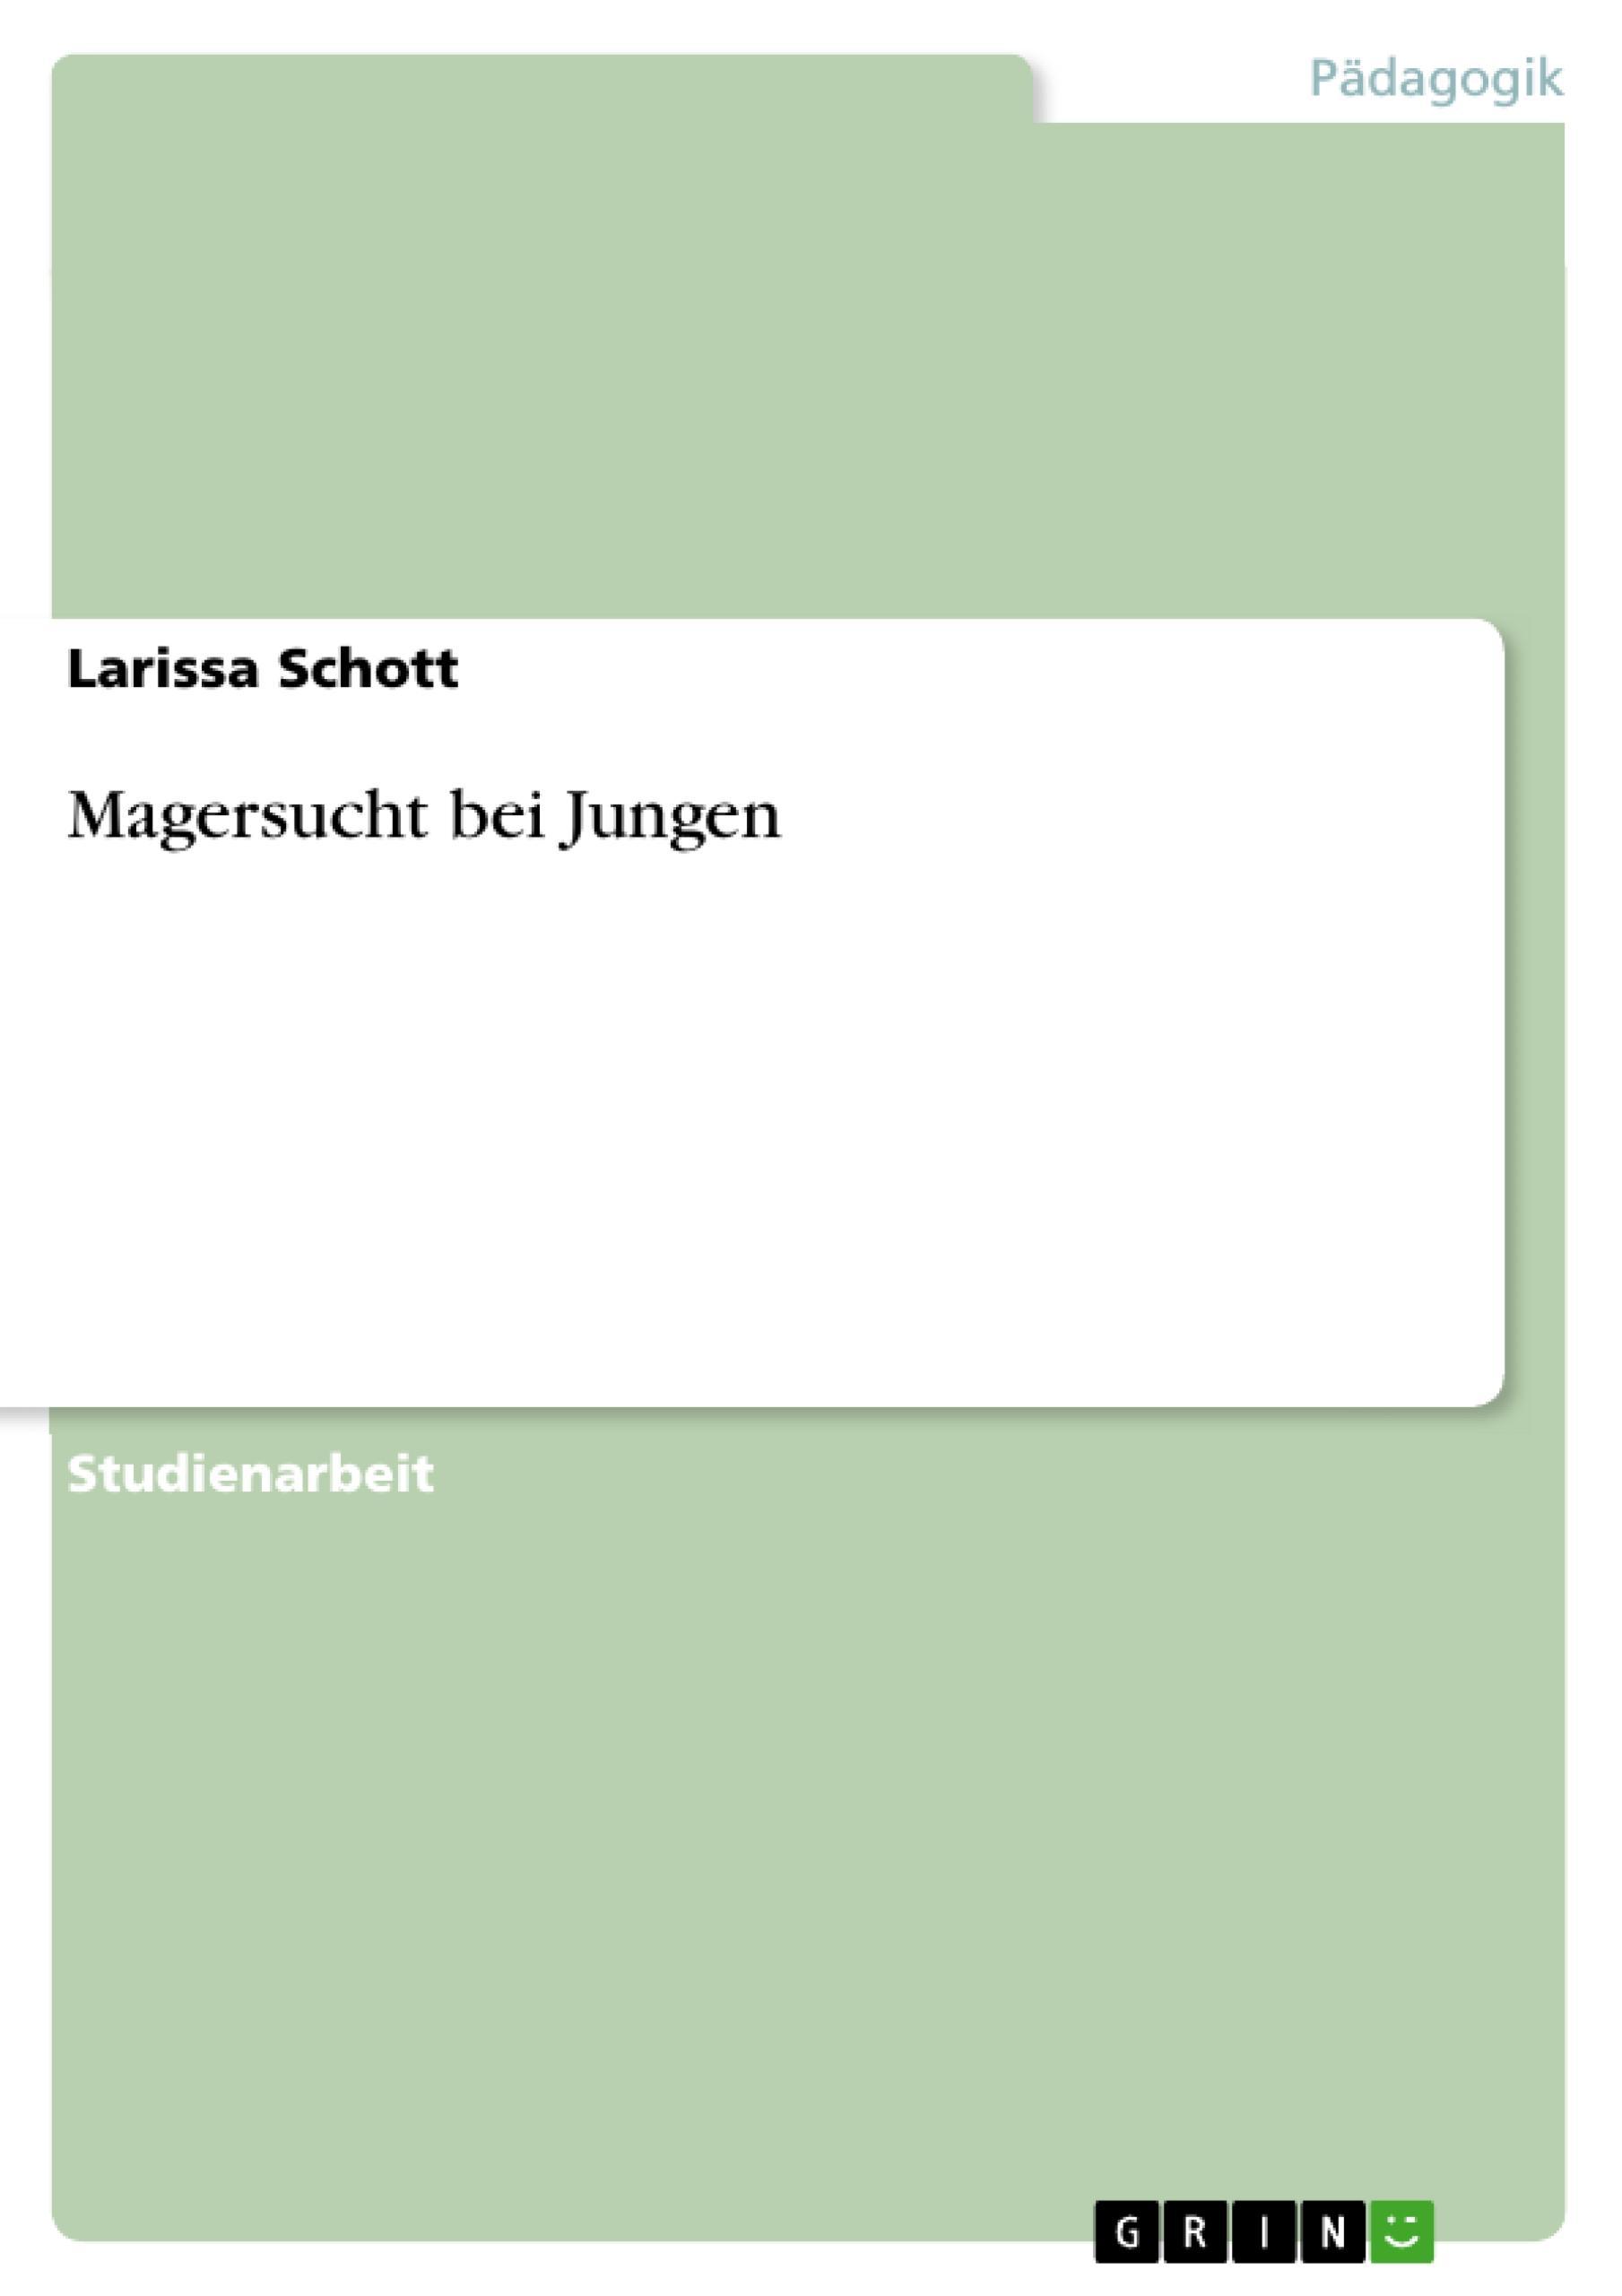 Magersucht bei Jungen  Larissa Schott  Taschenbuch  Paperback  Deutsch  2010 - Schott, Larissa